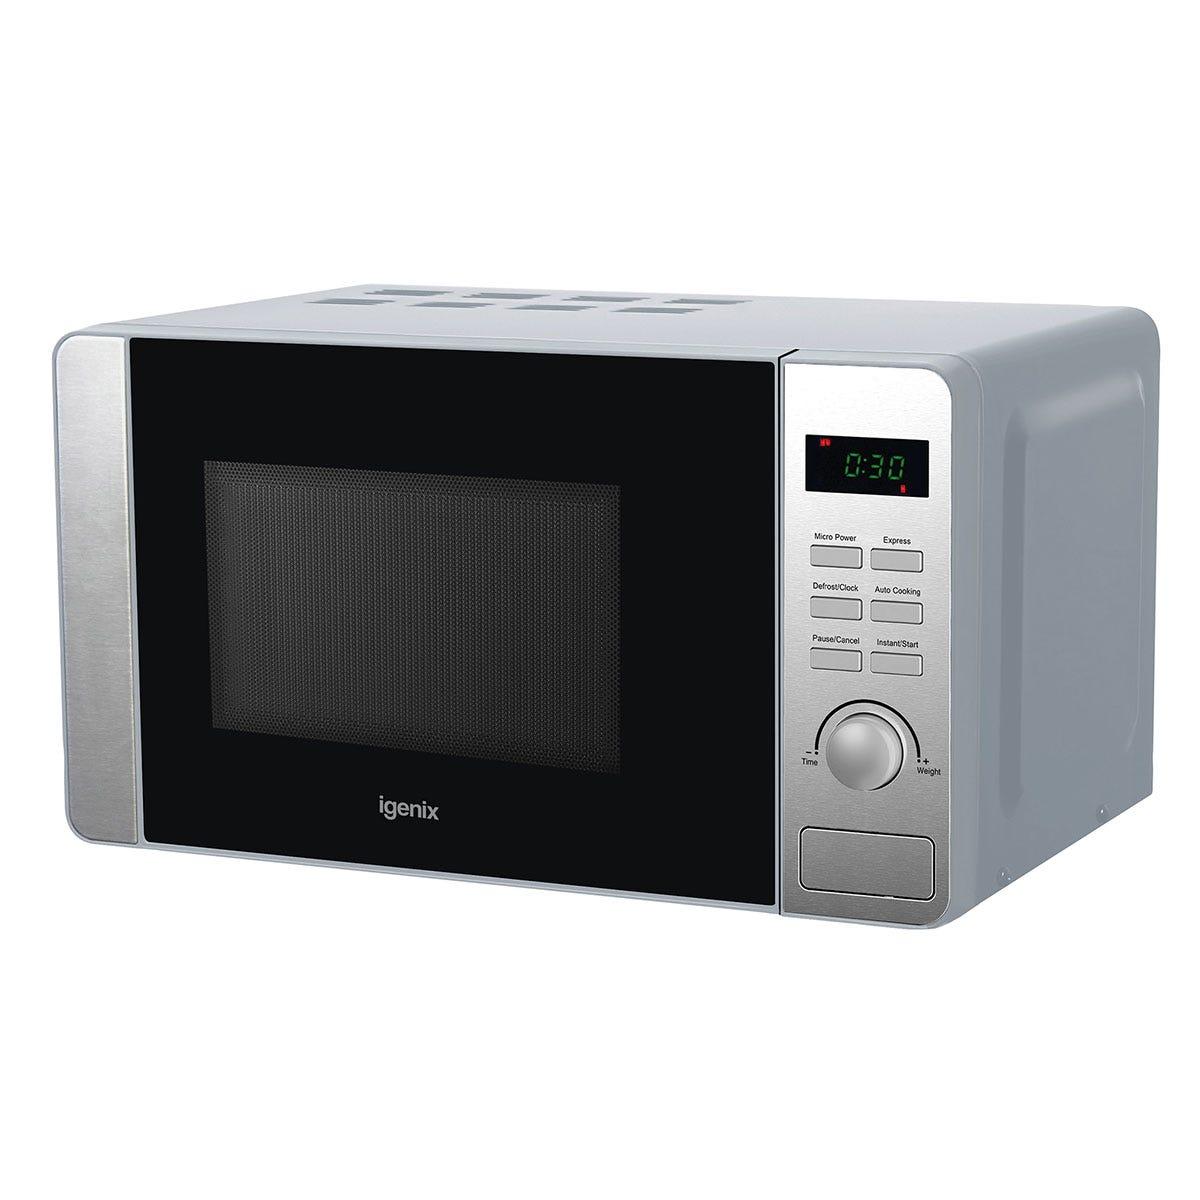 Igenix IG2086 800W Digital 20L Microwave - Stainless Steel